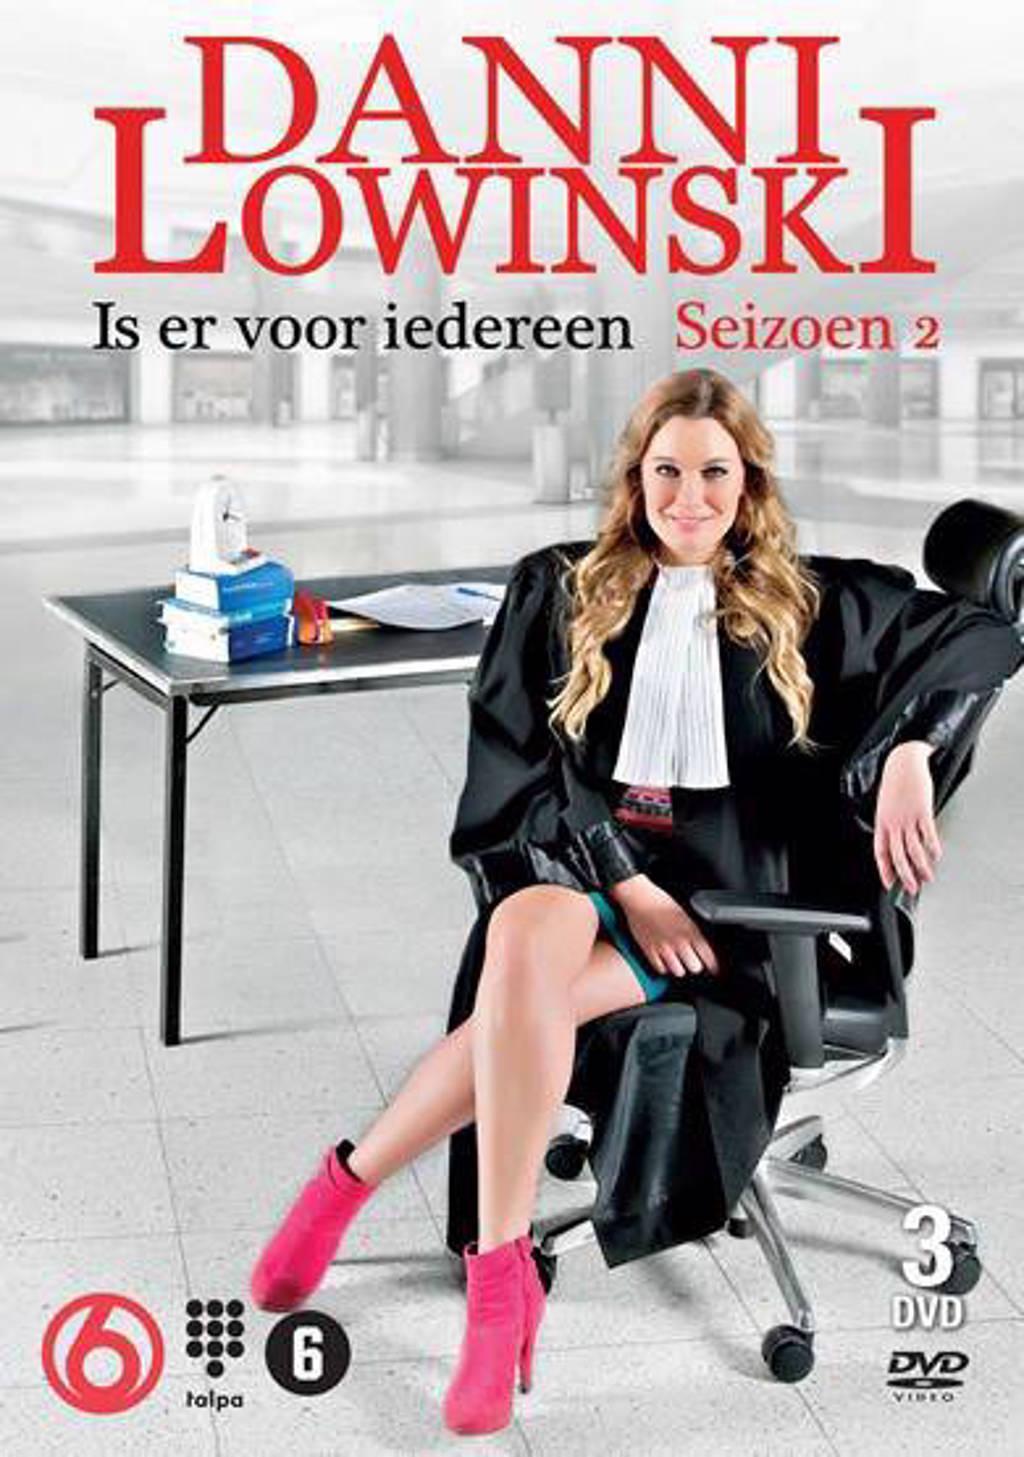 Danni Lowinski - Seizoen 2 (DVD)